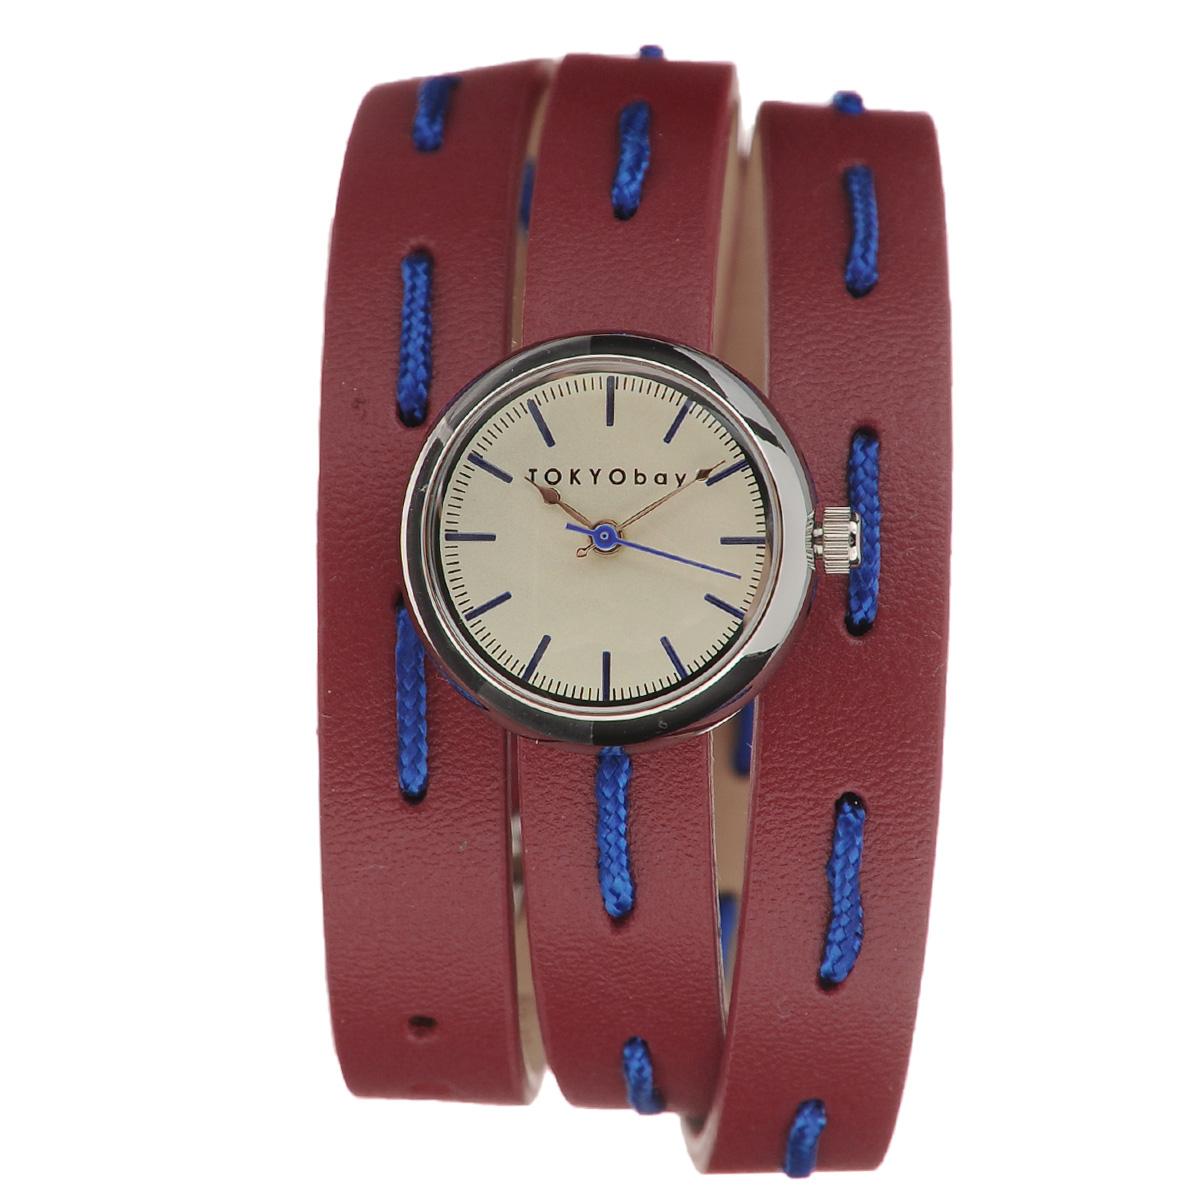 Часы женские наручные Tokyobay Frida, цвет: красный, синий. T7322-RDT7322-RDНаручные часы Tokyobay Frida - это стильное дополнение к вашему неповторимому образу. Эти часы созданы для современных девушек, ценящих стиль, качество и практичность. Часы оснащены японским кварцевым механизмом Miyota. Корпус круглой формы выполнен из сплава металлов, не содержащего никель. Задняя крышка изготовлена из нержавеющей стали. Циферблат оформлен металлическими отметками, имеет три стрелки - часовую, минутную и секундную. Циферблат защищен ударопрочным оптическим пластиком. Узкий ремешок, выполненный из натуральной кожи, обхватывает запястье в три оборота и застегивается на классическую застежку-пряжку. Ремешок оформлен декоративными стежками. Часы Tokyobay - это практичный и модный аксессуар, который подчеркнет ваш безупречный вкус. Характеристики: Корпус: 18 х 18 х 8 мм. Размер ремешка: 54 х 1,1 см. Не водостойкие.